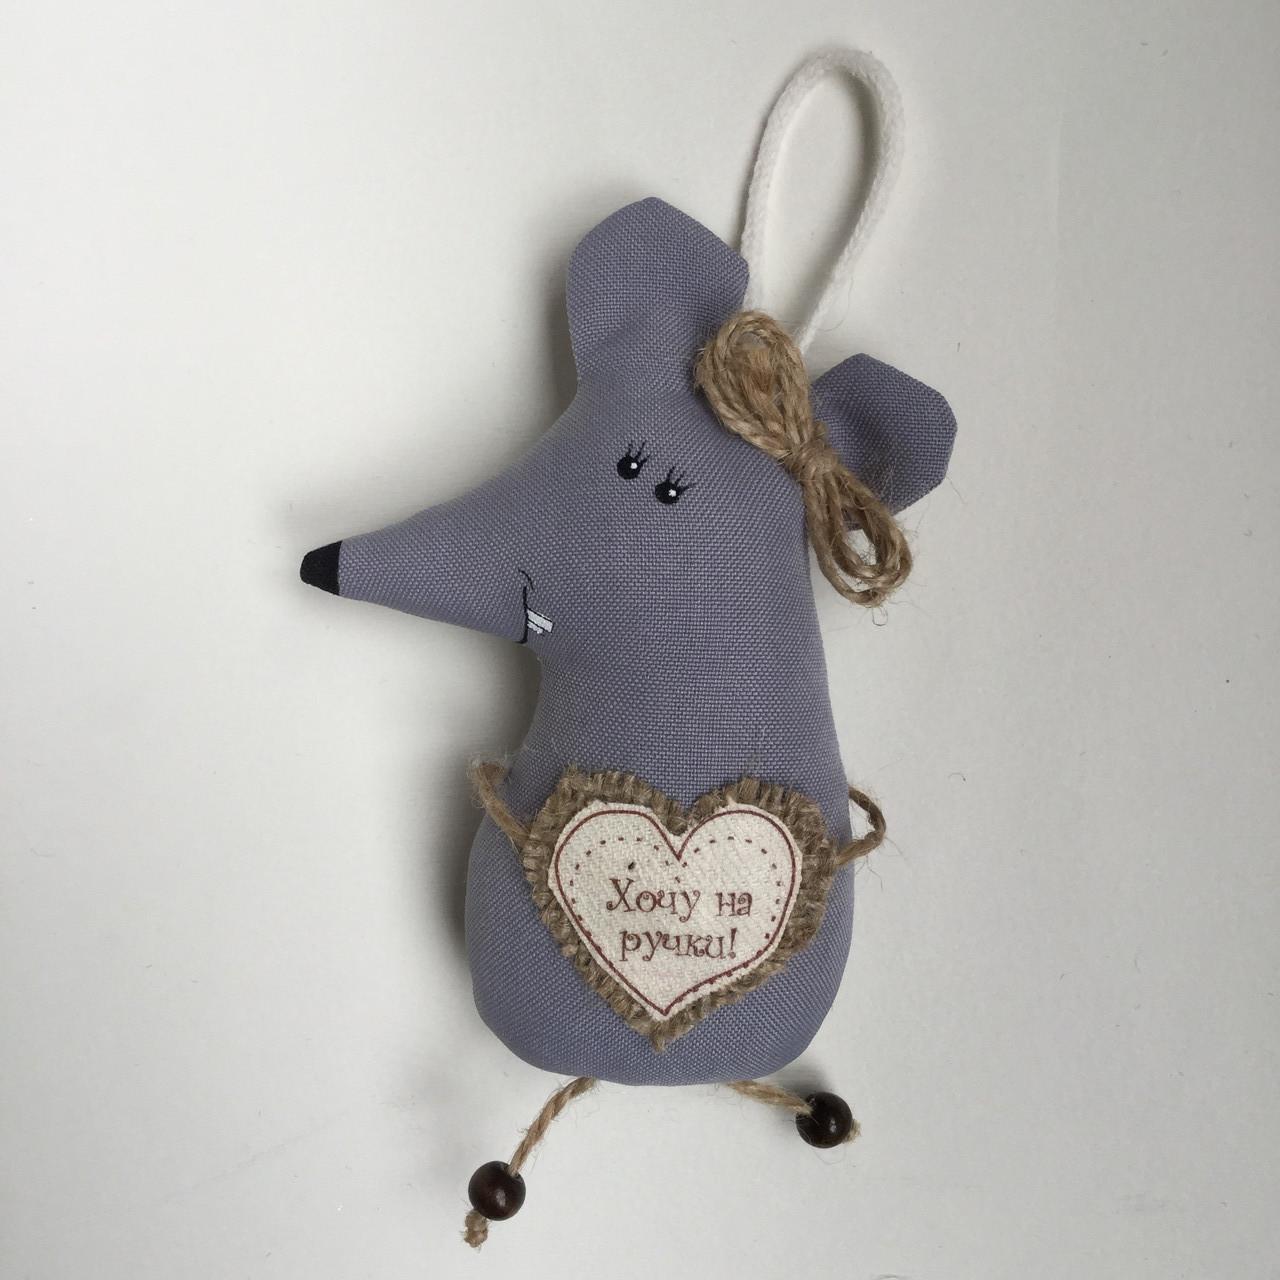 Мягкая игрушка ручная работа подвеска мышка девочка Символ 2020 года